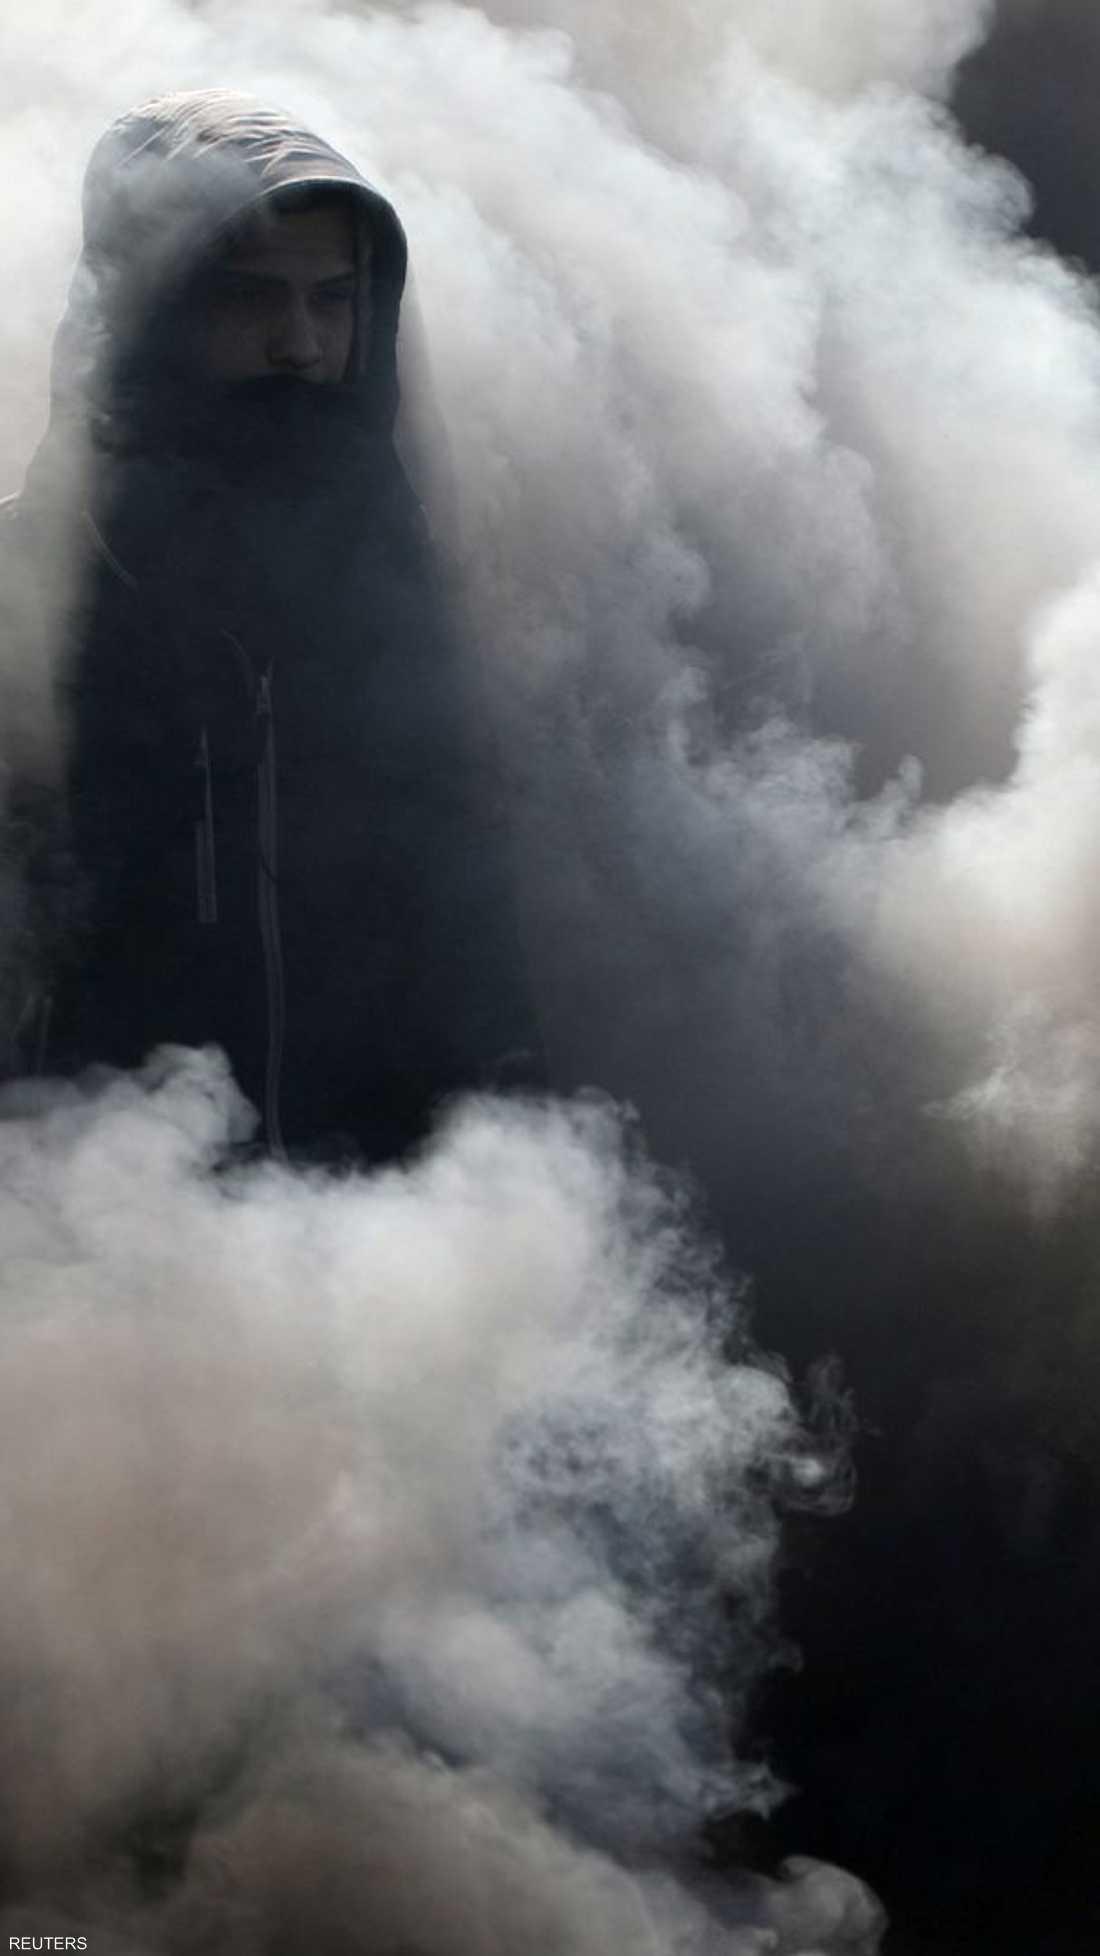 من وسط النيران والدخان في أحد الطرق العراقية.